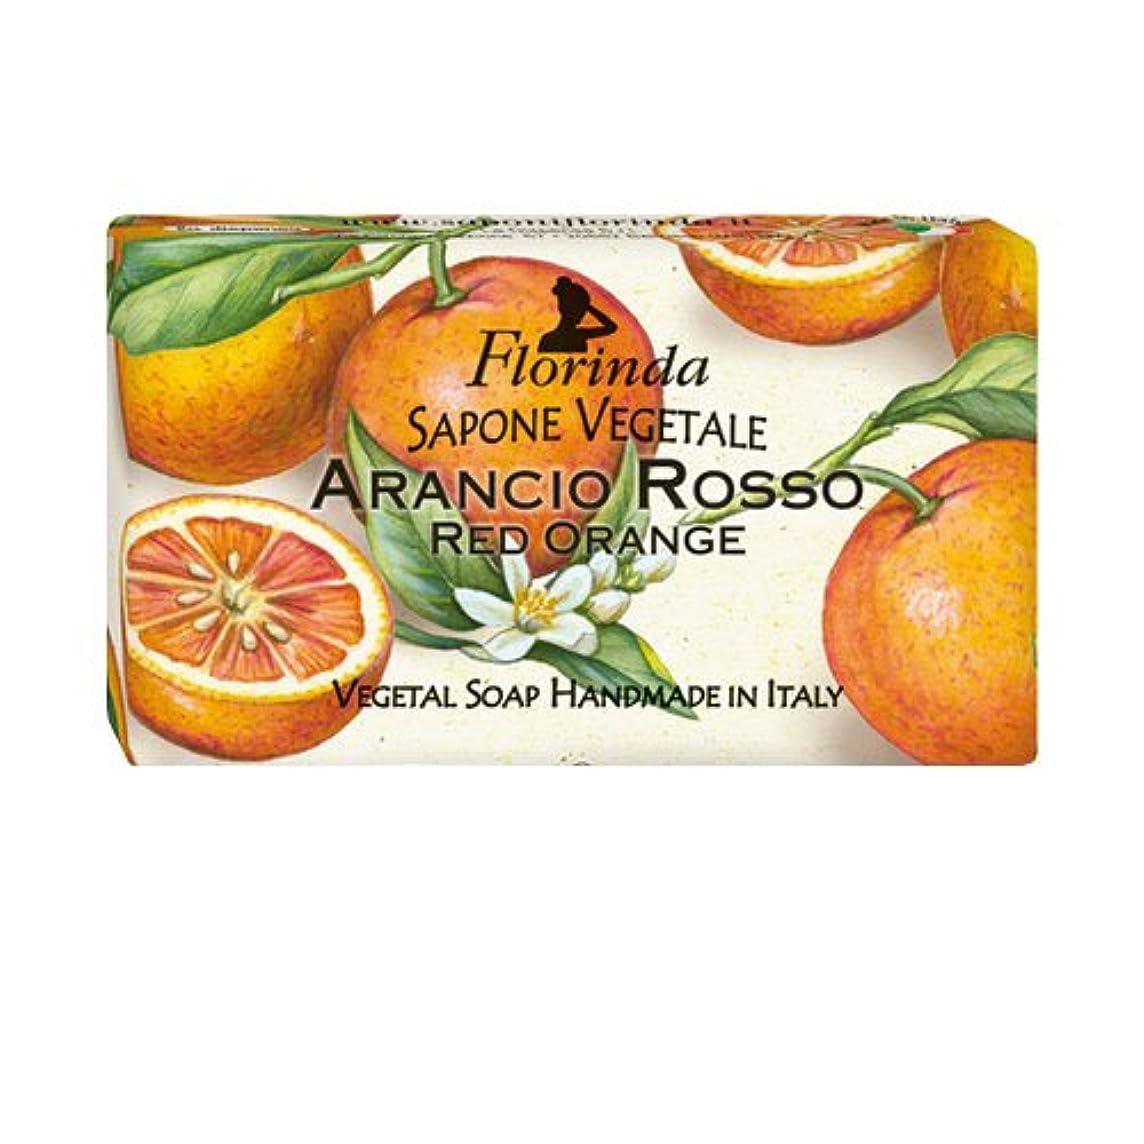 司書無関心クレーンフロリンダ フレグランスソープ フルーツ レッドオレンジ 95g